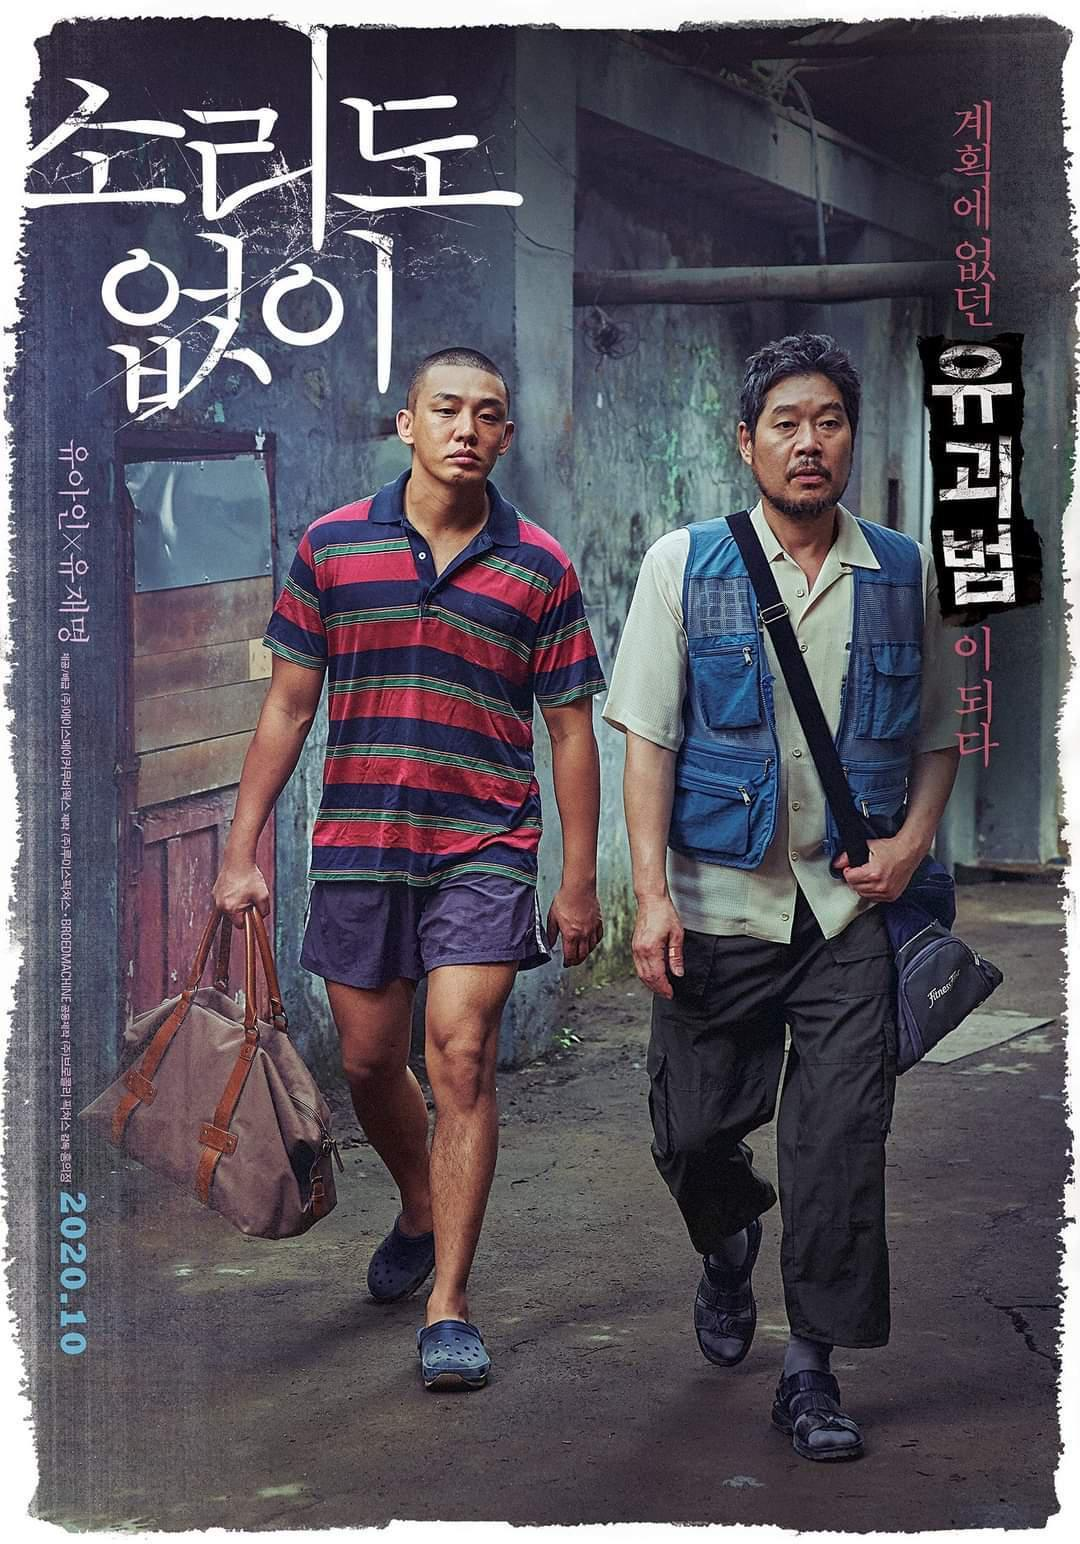 韩国电影《无声》最后的逃跑象征着是人性对社会化的一种抵抗与逃离 (1)